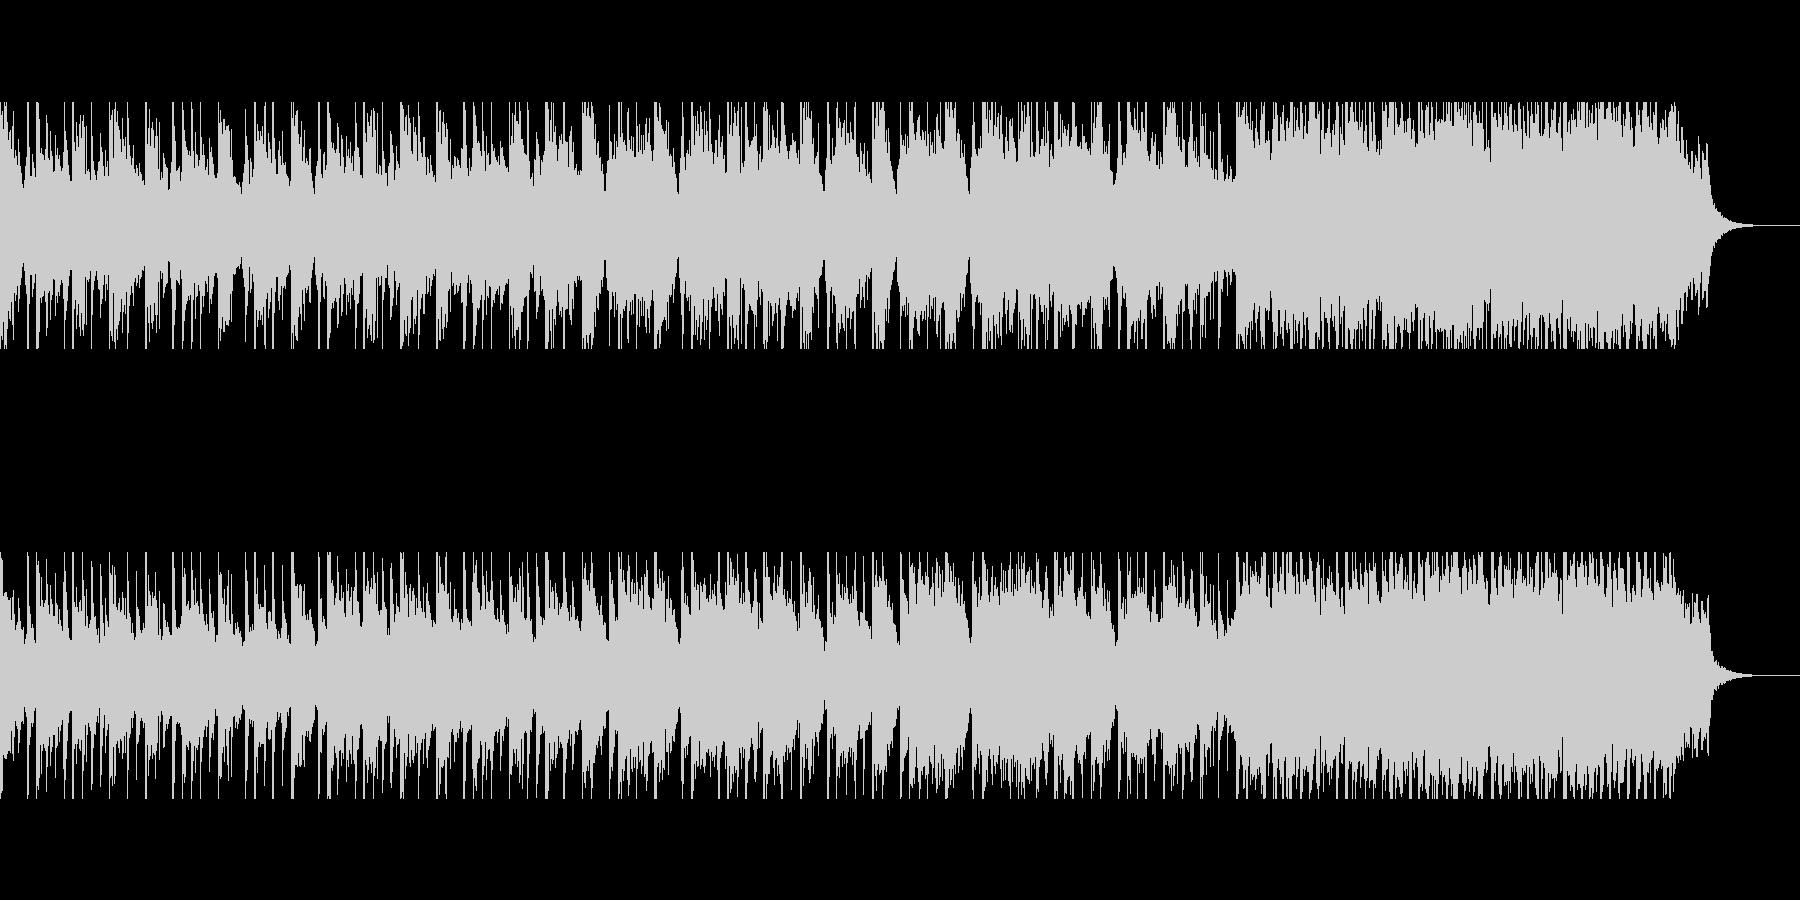 プリンスオブペルシャ(90秒)の未再生の波形